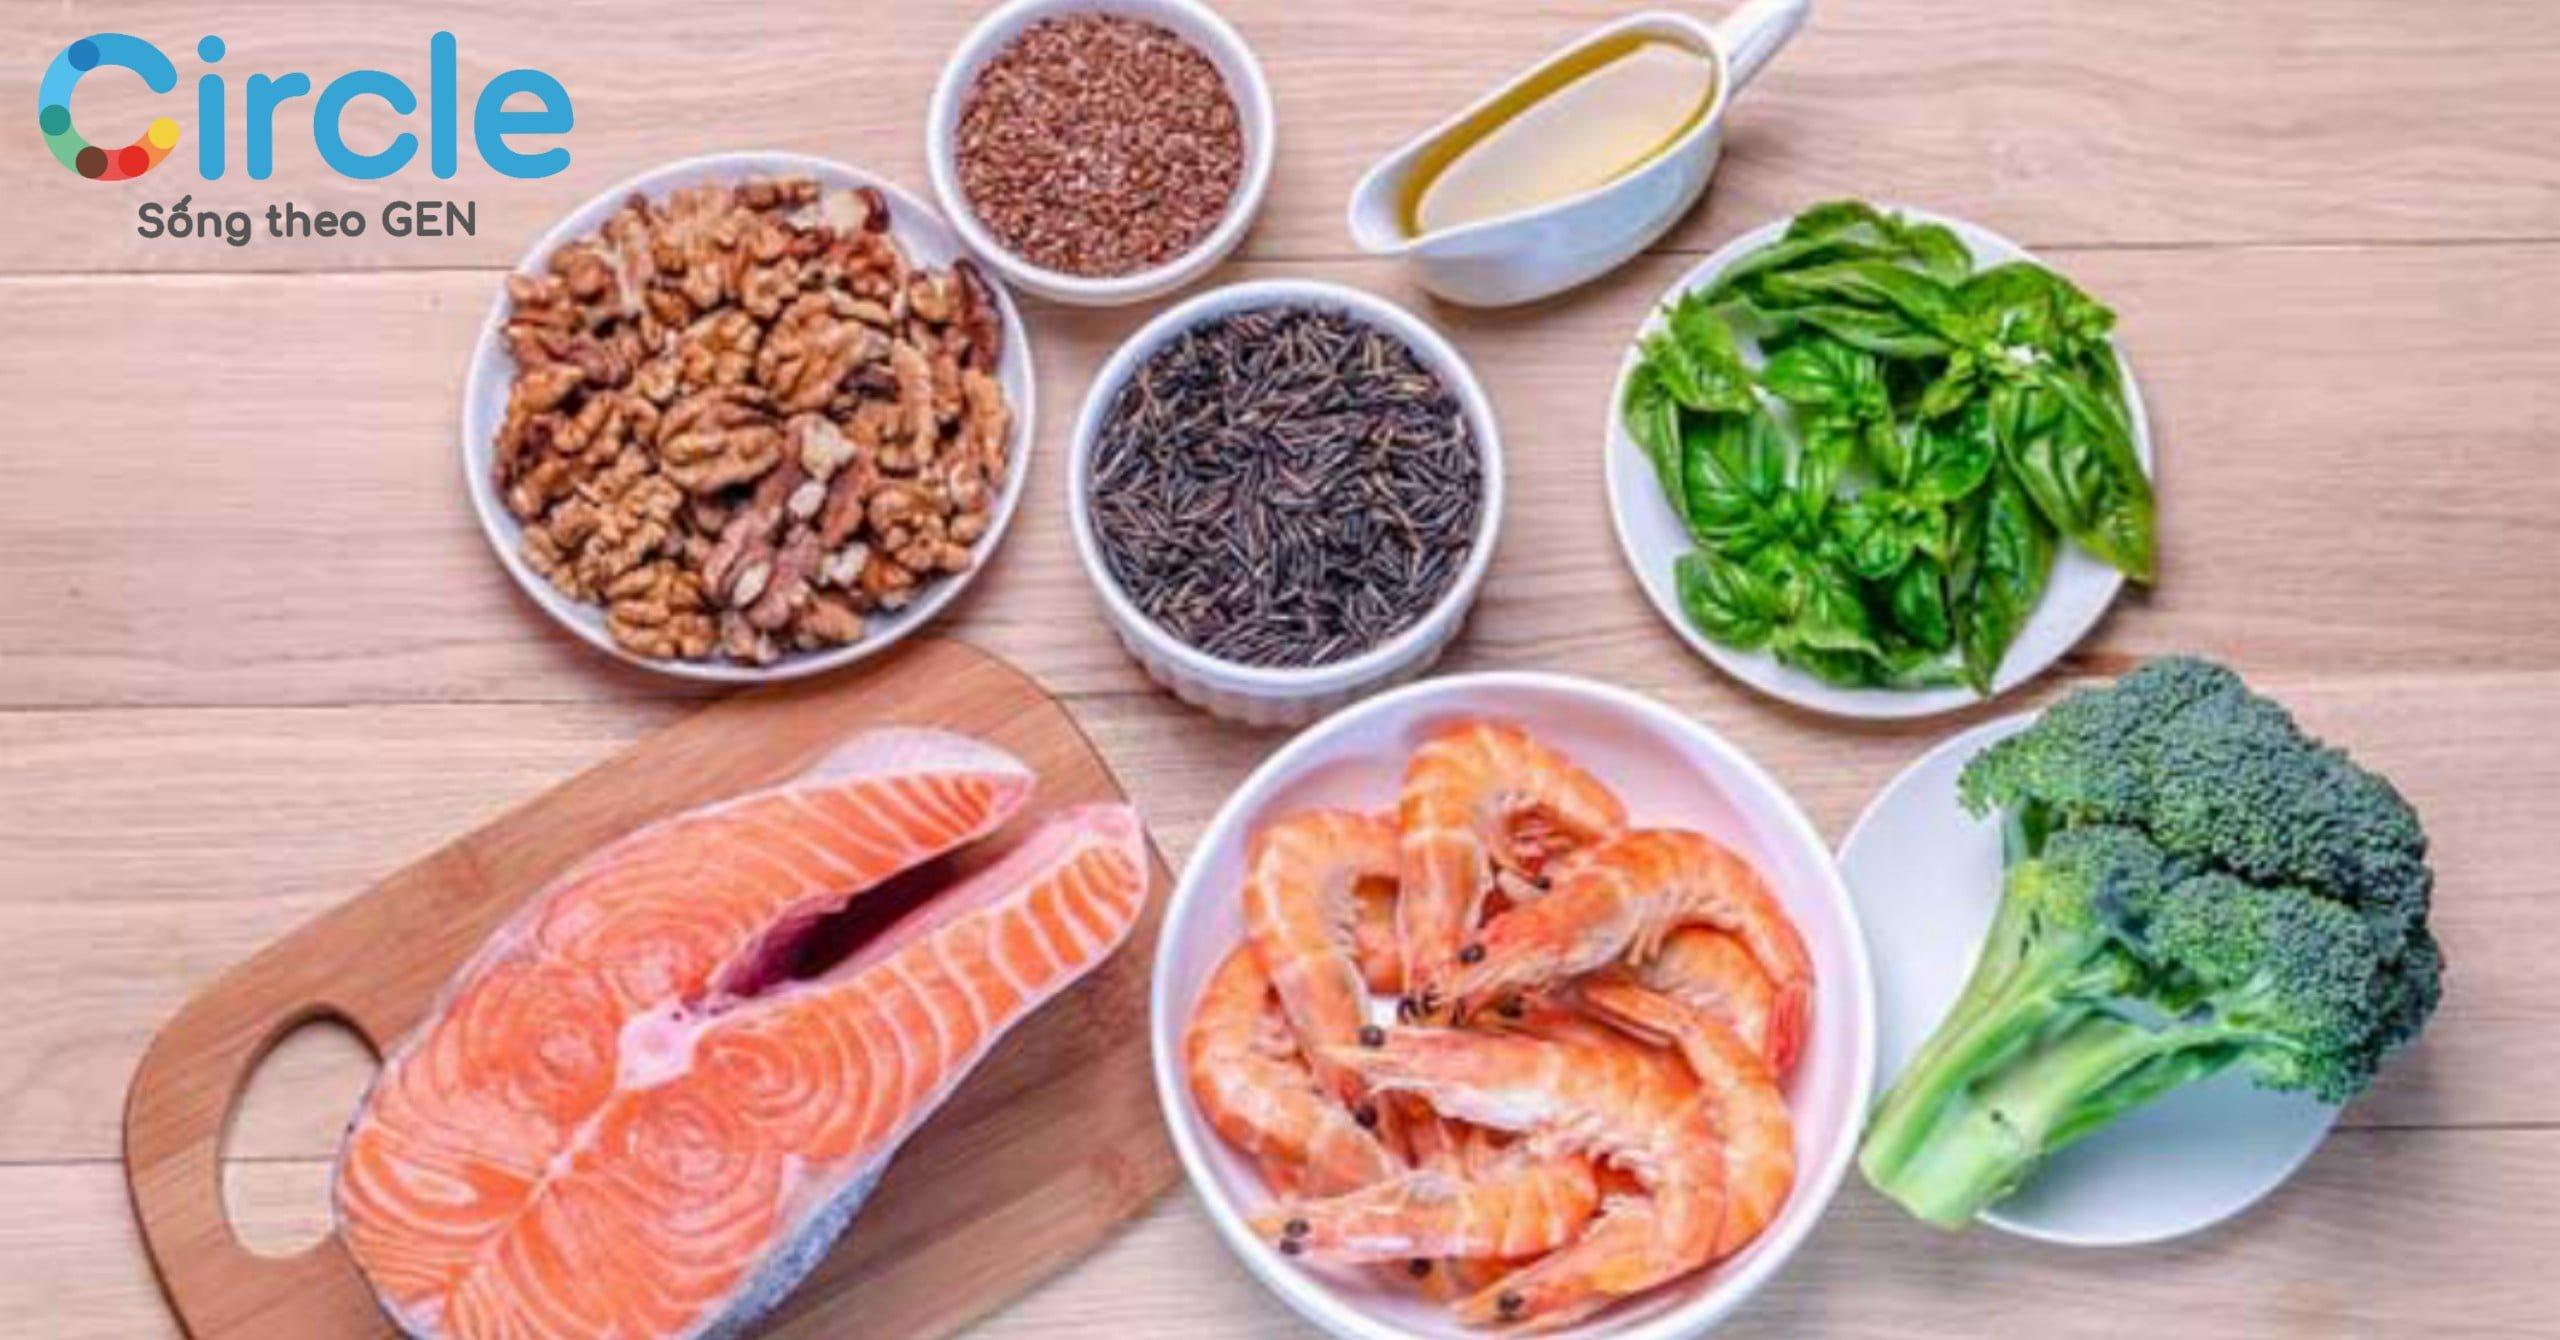 Omega-3 đặc biệt có nhiều trong cá như cá hồi, cá ngừ, bông cải xanh, ... Mẹ hãy khuyến khích con ăn nhiều các món ăn được chế biến từ nguyên liệu trên nhé!